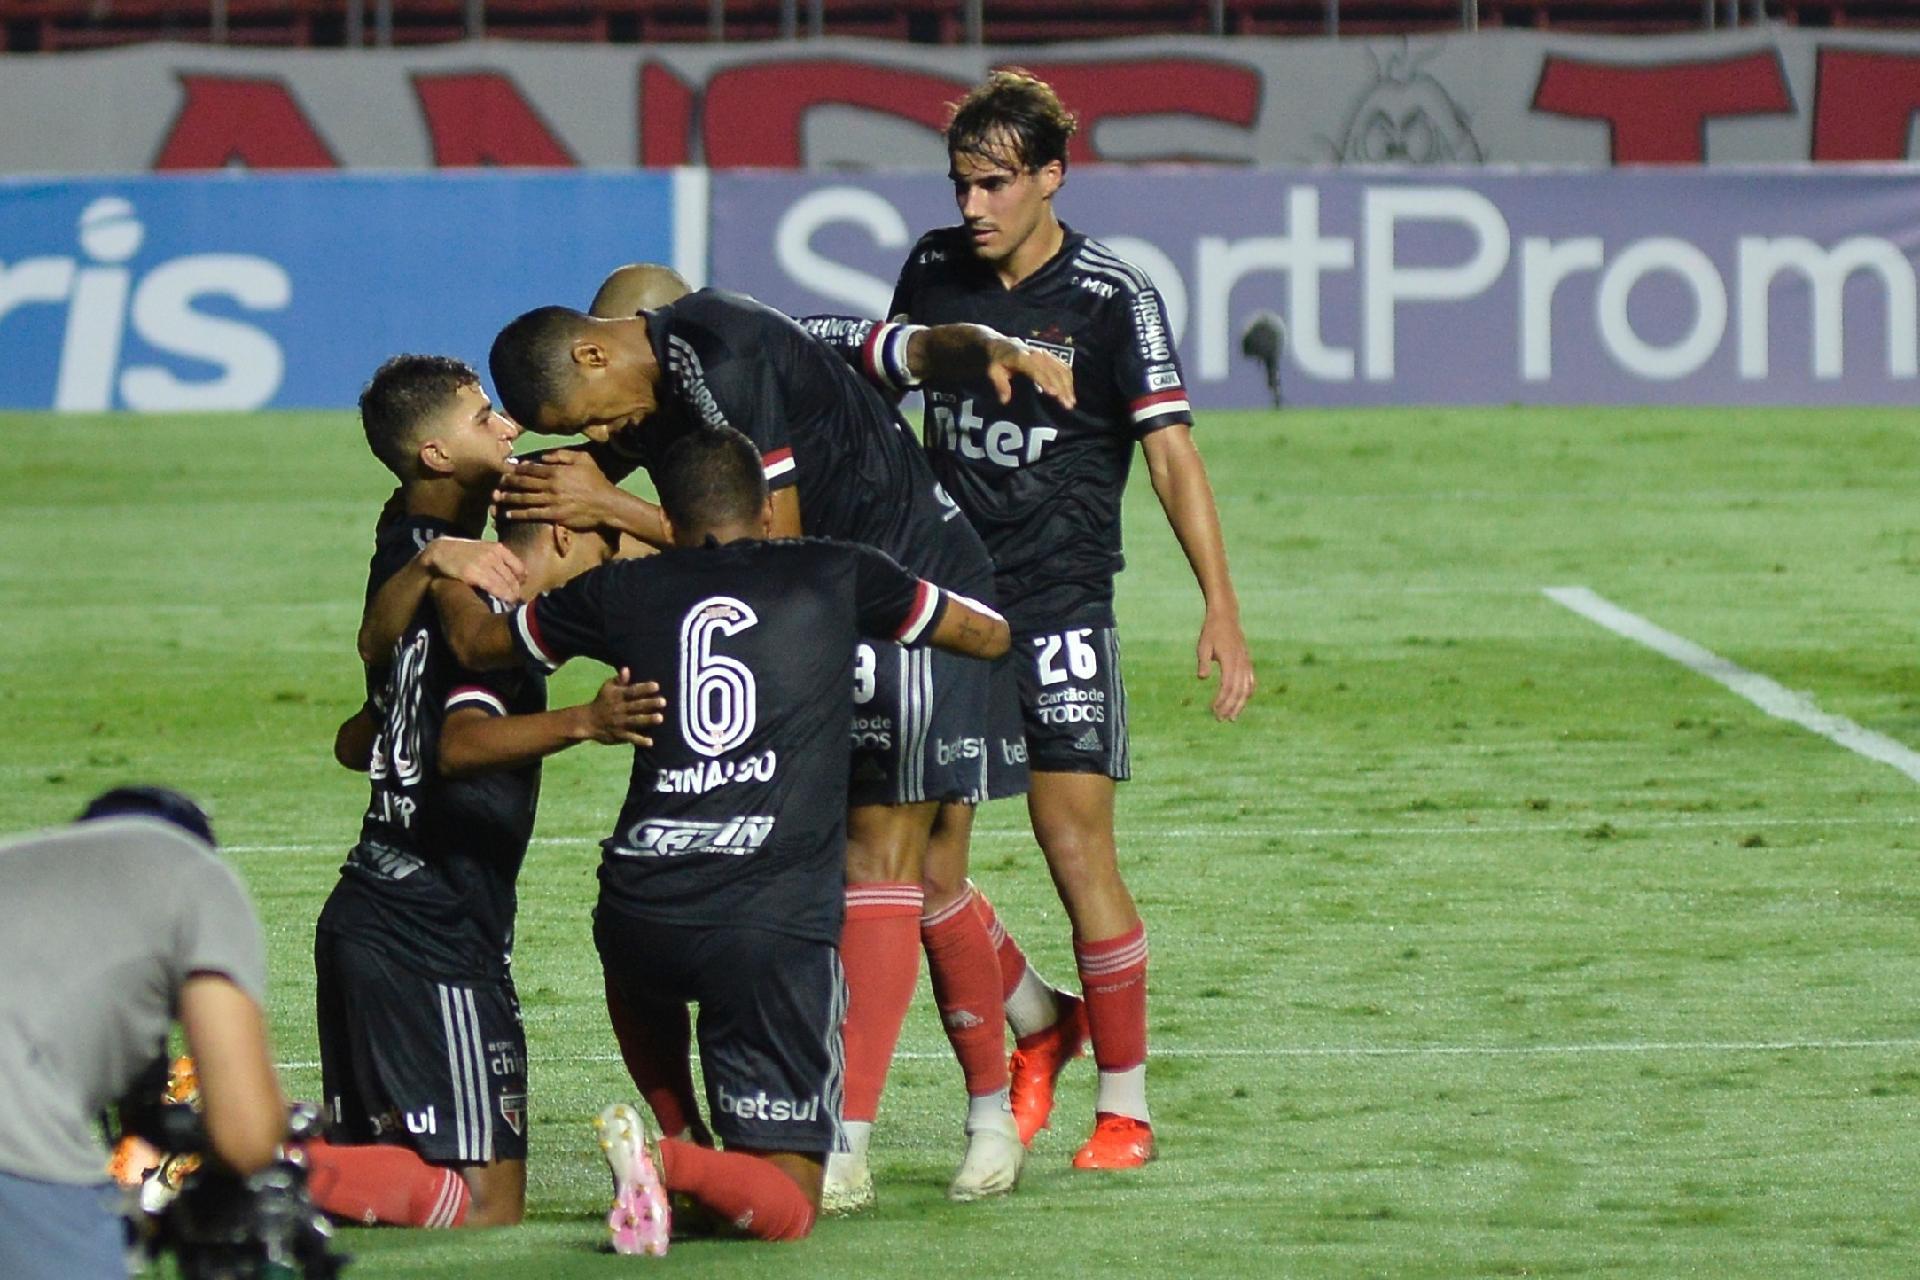 Brenner e Sara brilham, SPFC vence Atlético-GO por 3 a 0 e alivia Diniz